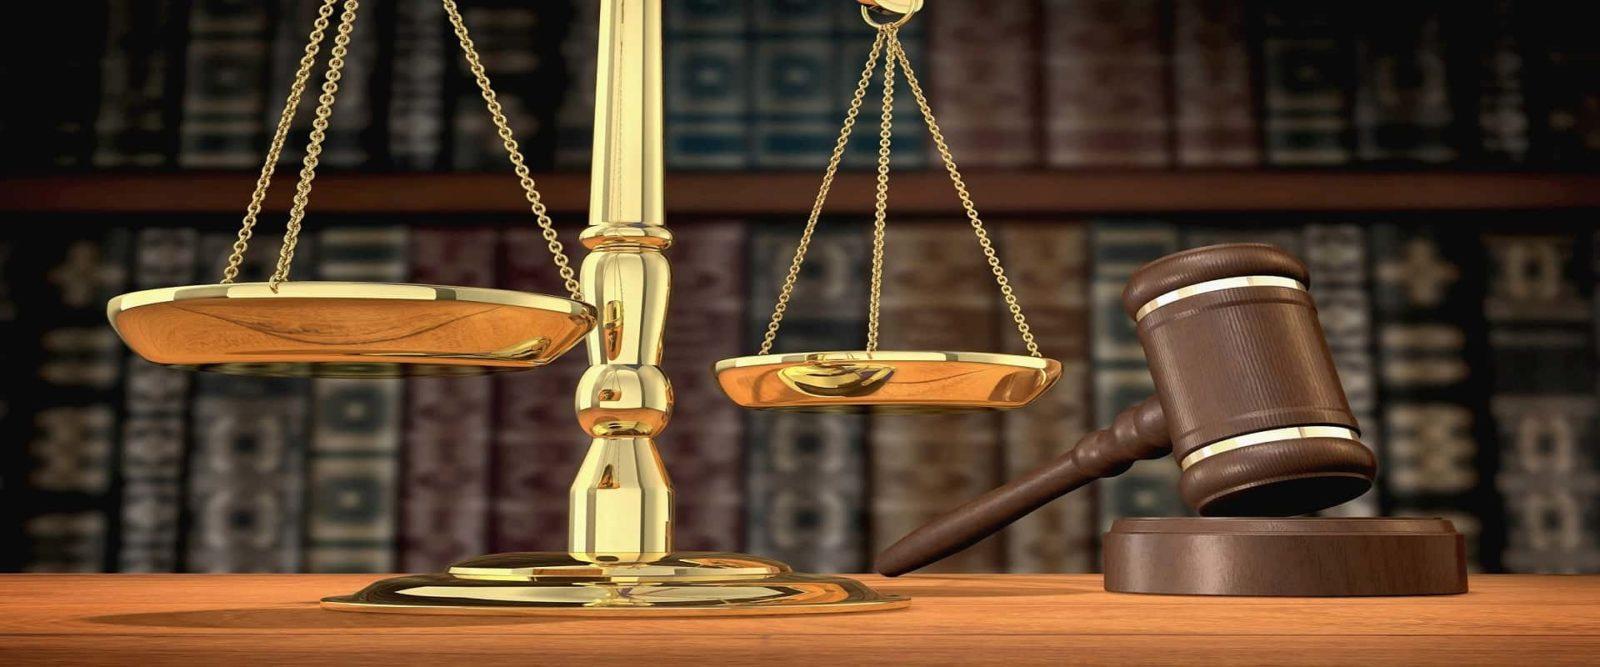 юридическая консультация мир